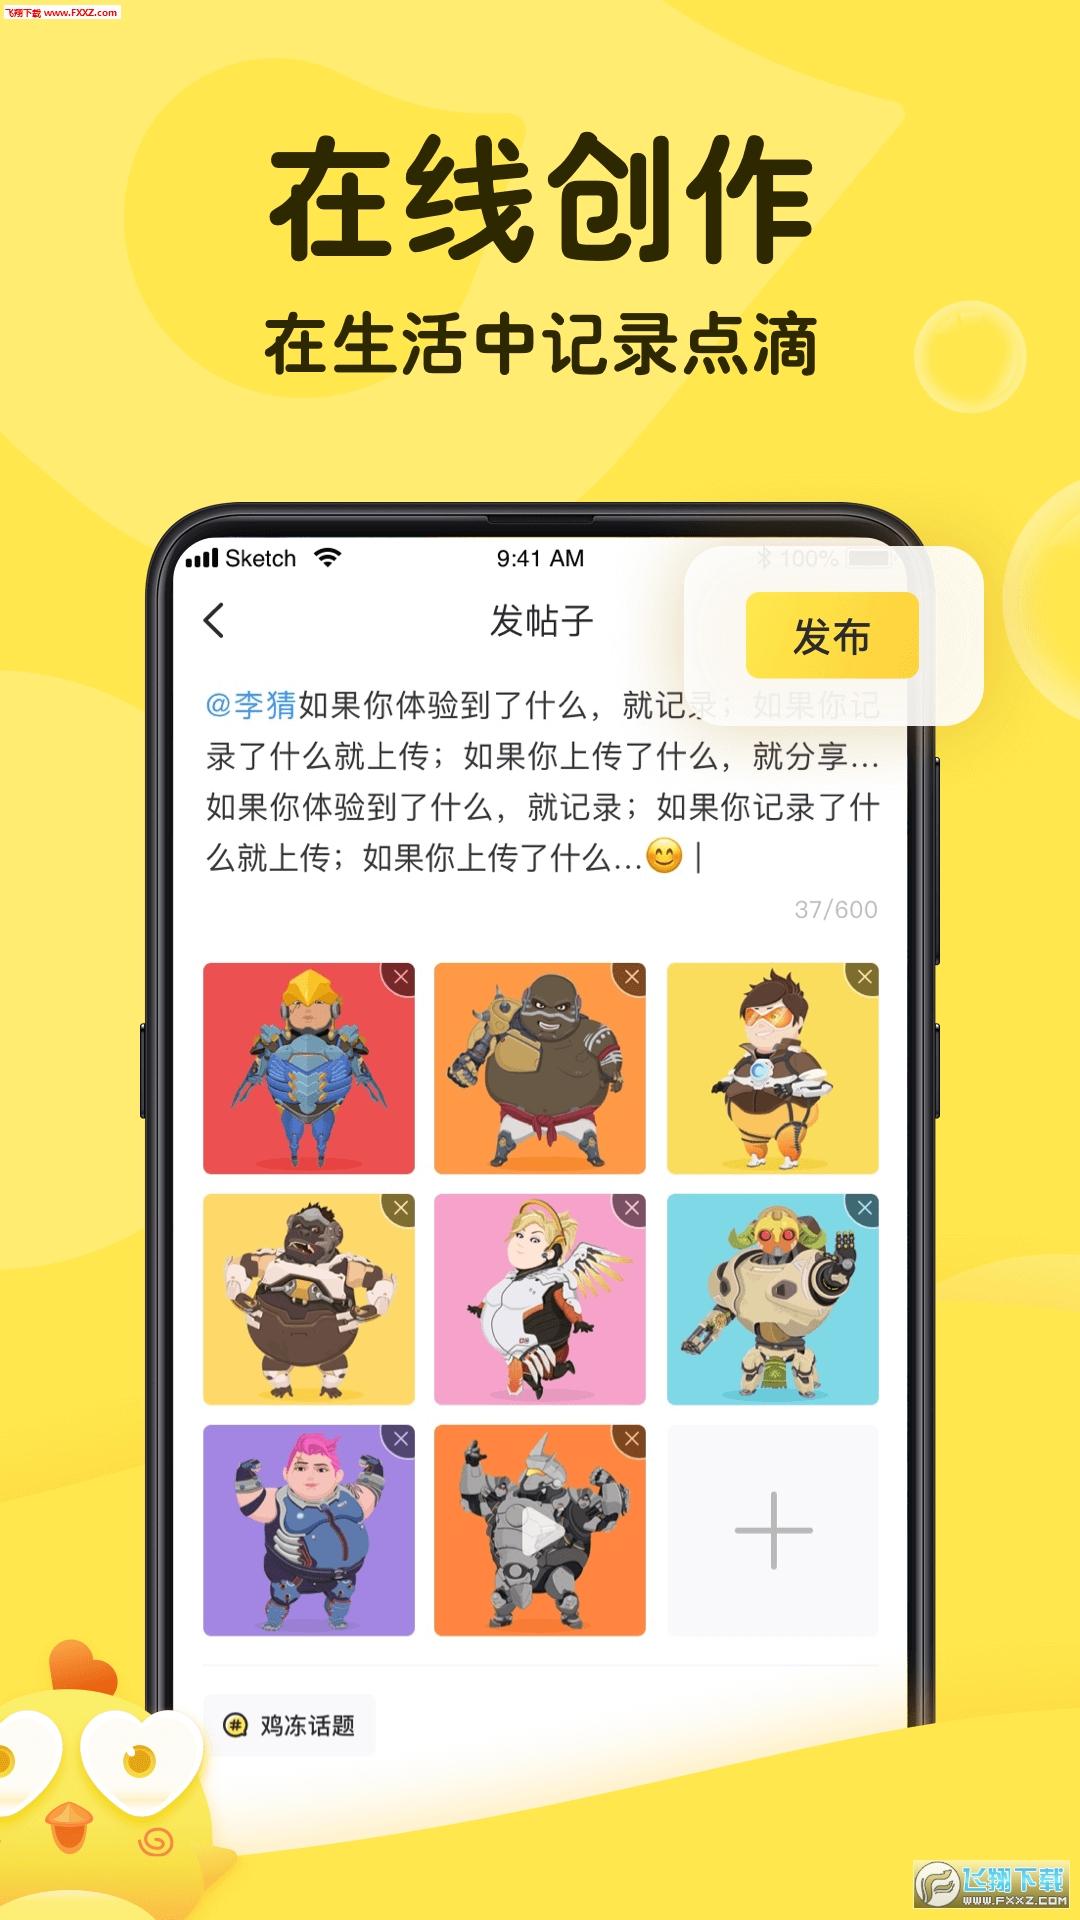 鸡冻兴趣社交app最新版4.0.0截图1